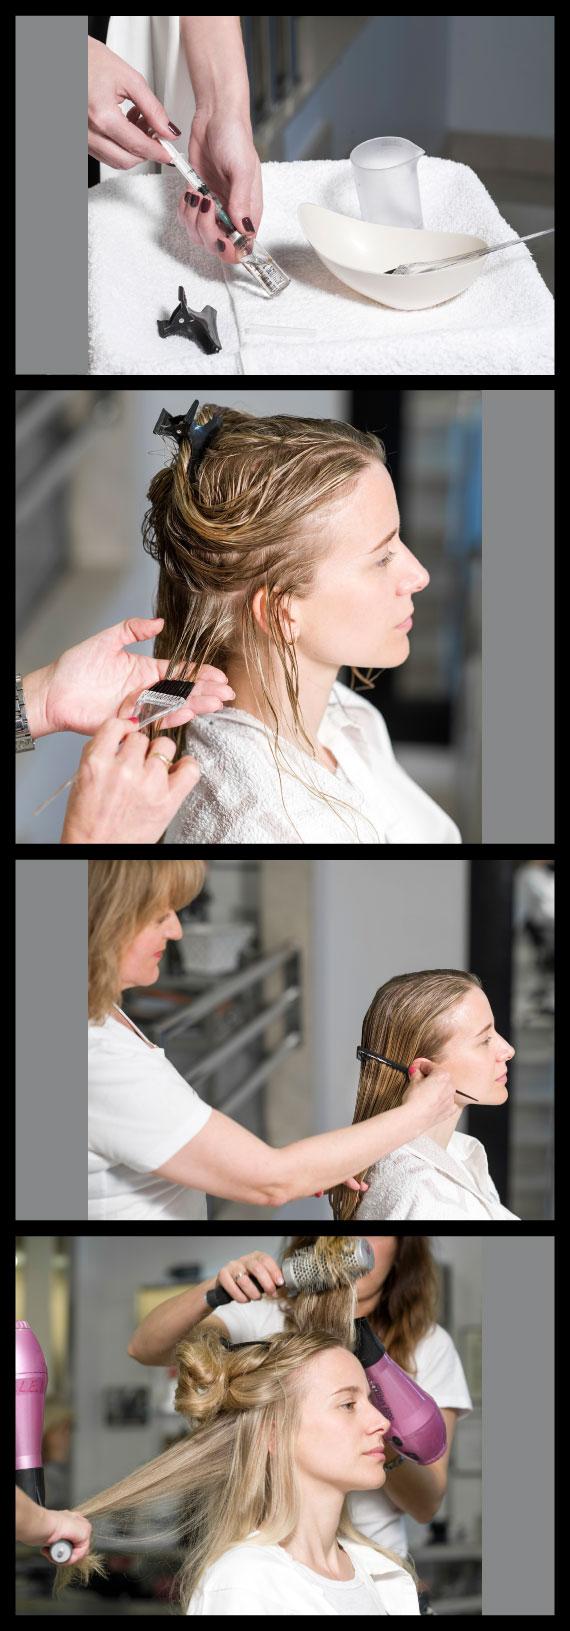 Paso a paso del tratamiento Bótox para el cabello del salón Cheska con María León